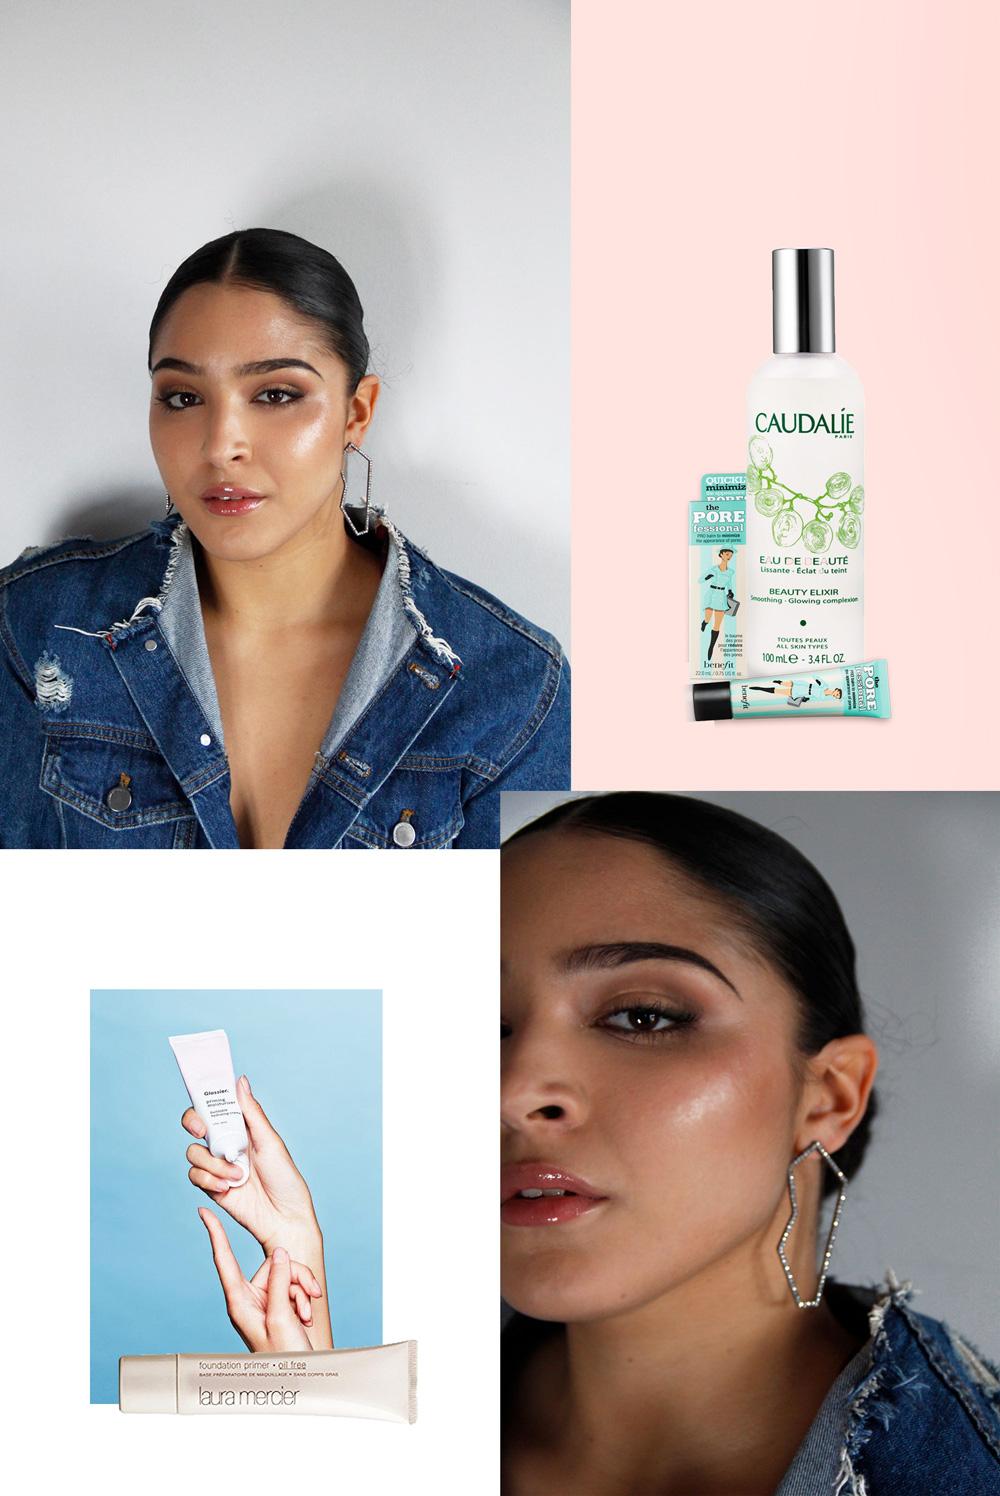 How To Basic : Skin prep 101 - Primers, Bases & Bullshit